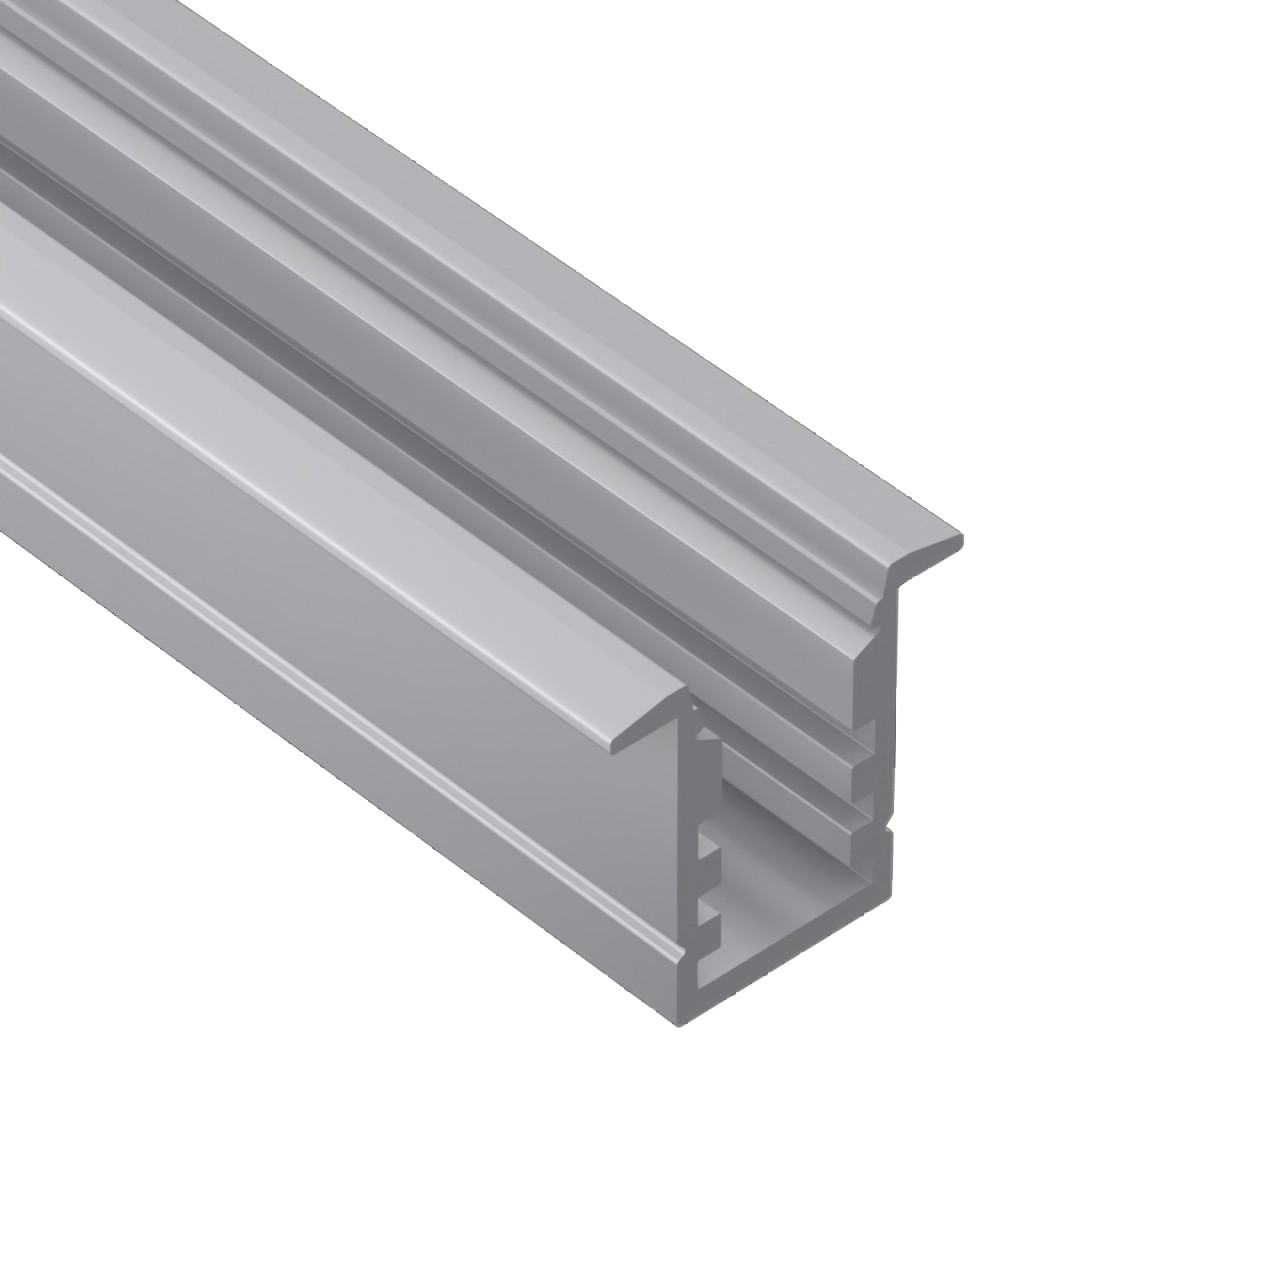 AR7 Einbauleuchten Led Aluminium-Profil